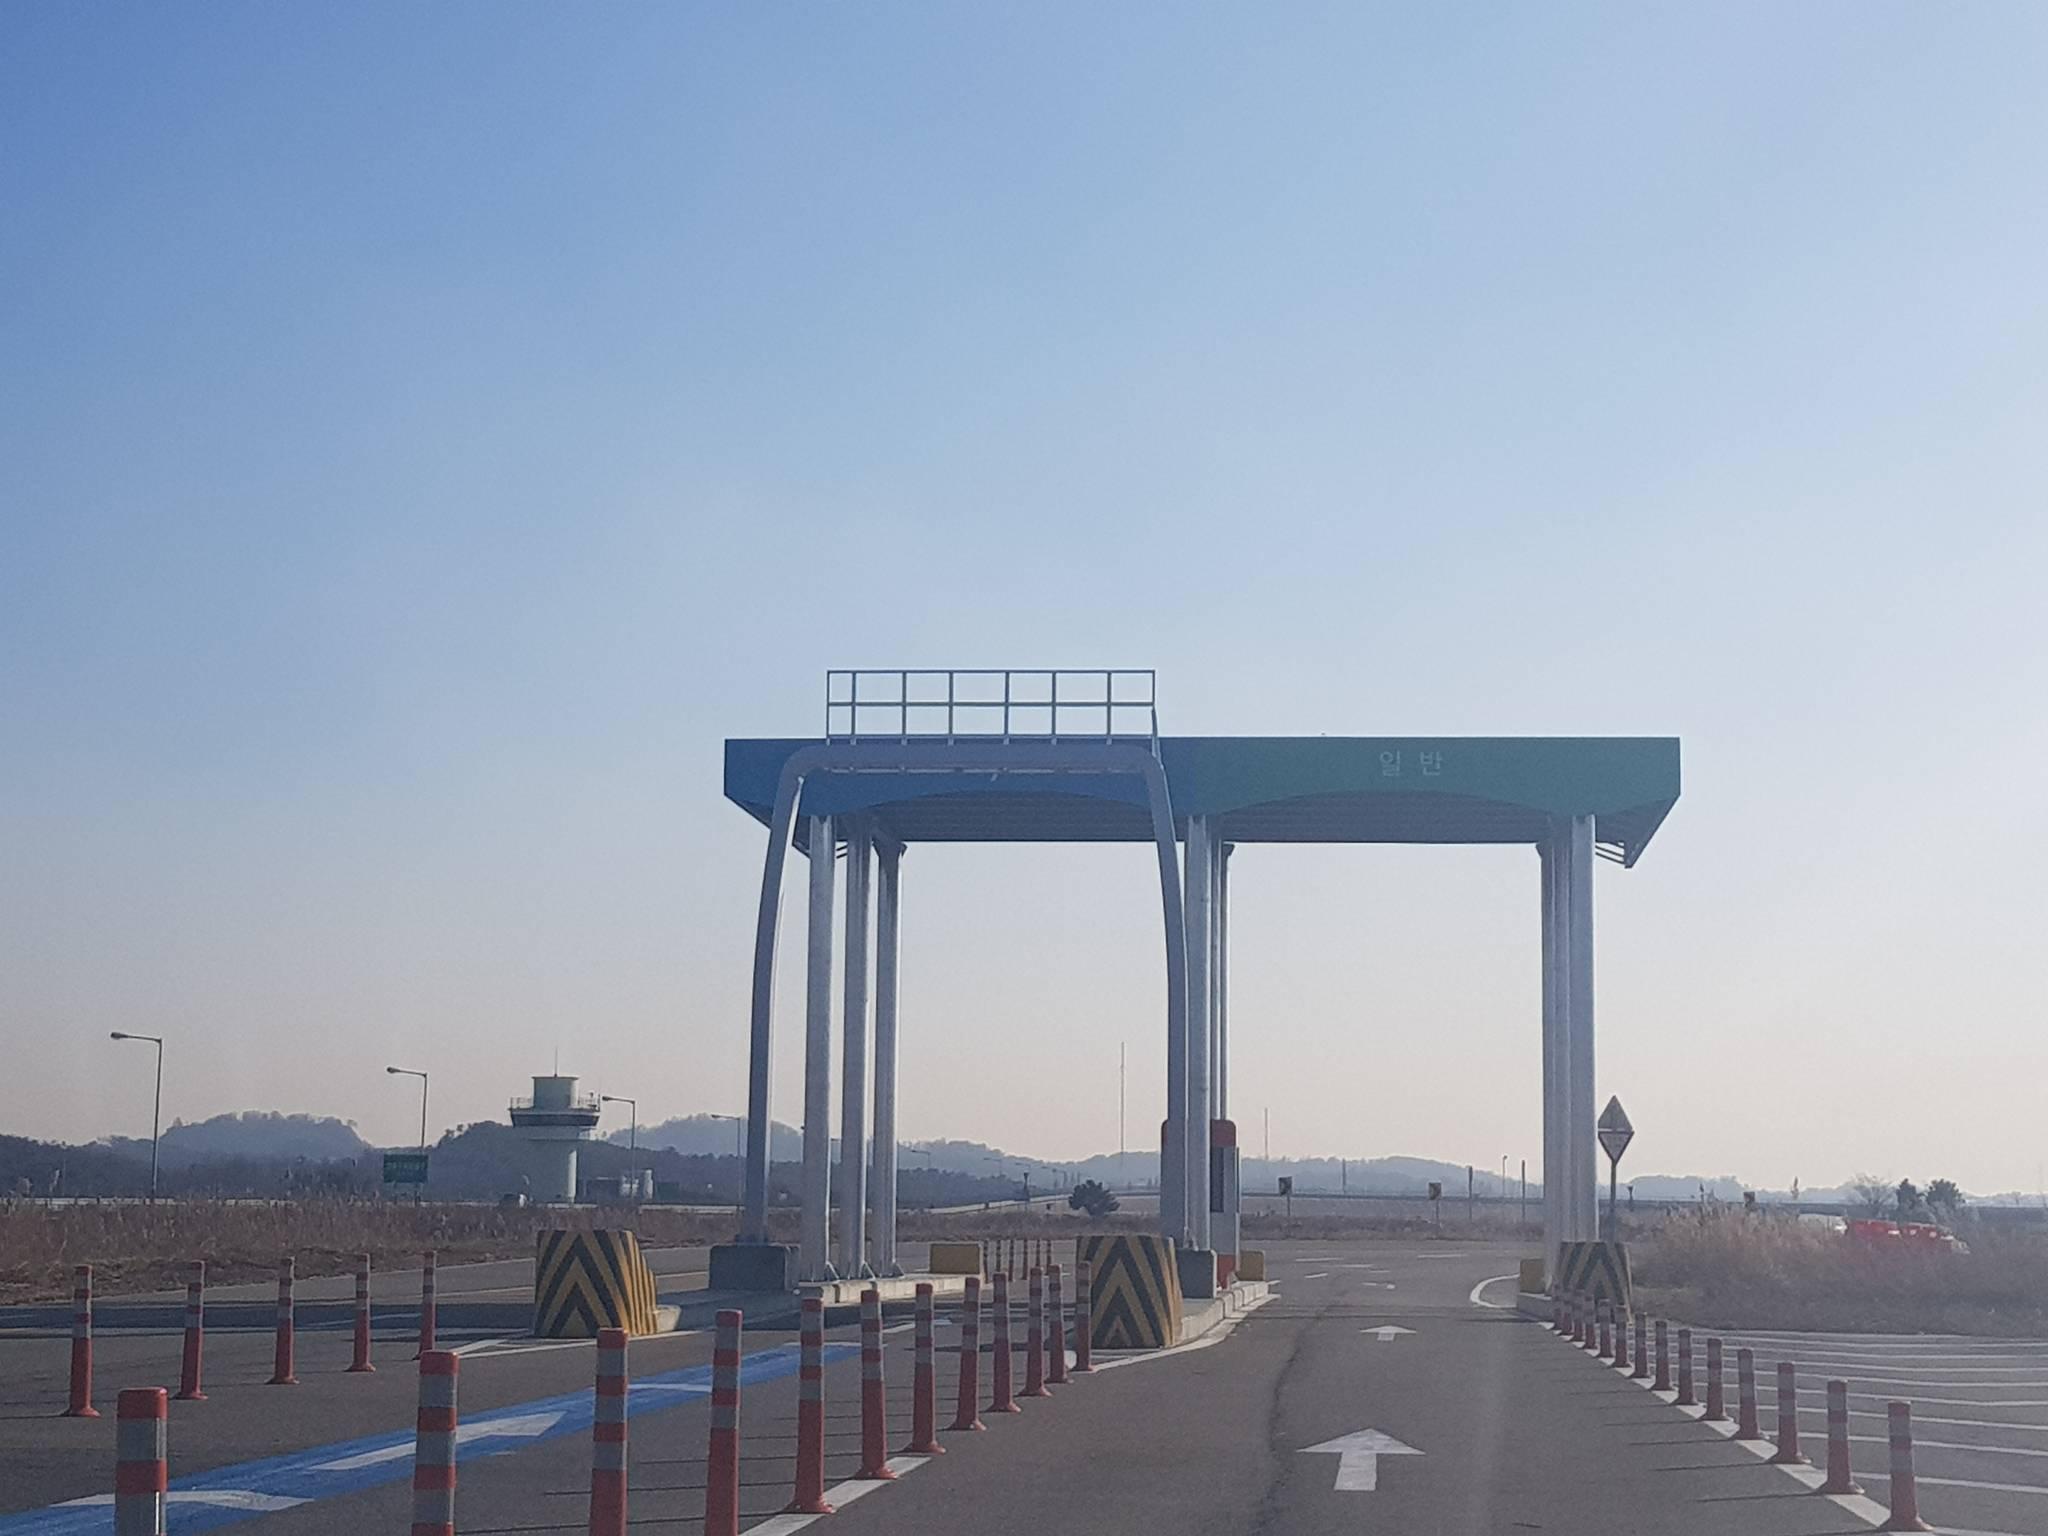 자율주행차 실험도시 K-City의 고속도로 구간에는 실제 고속도로와 동일하게 톨게이트의 하이패스 차선 등이 재현돼 있다. 함종선 기자